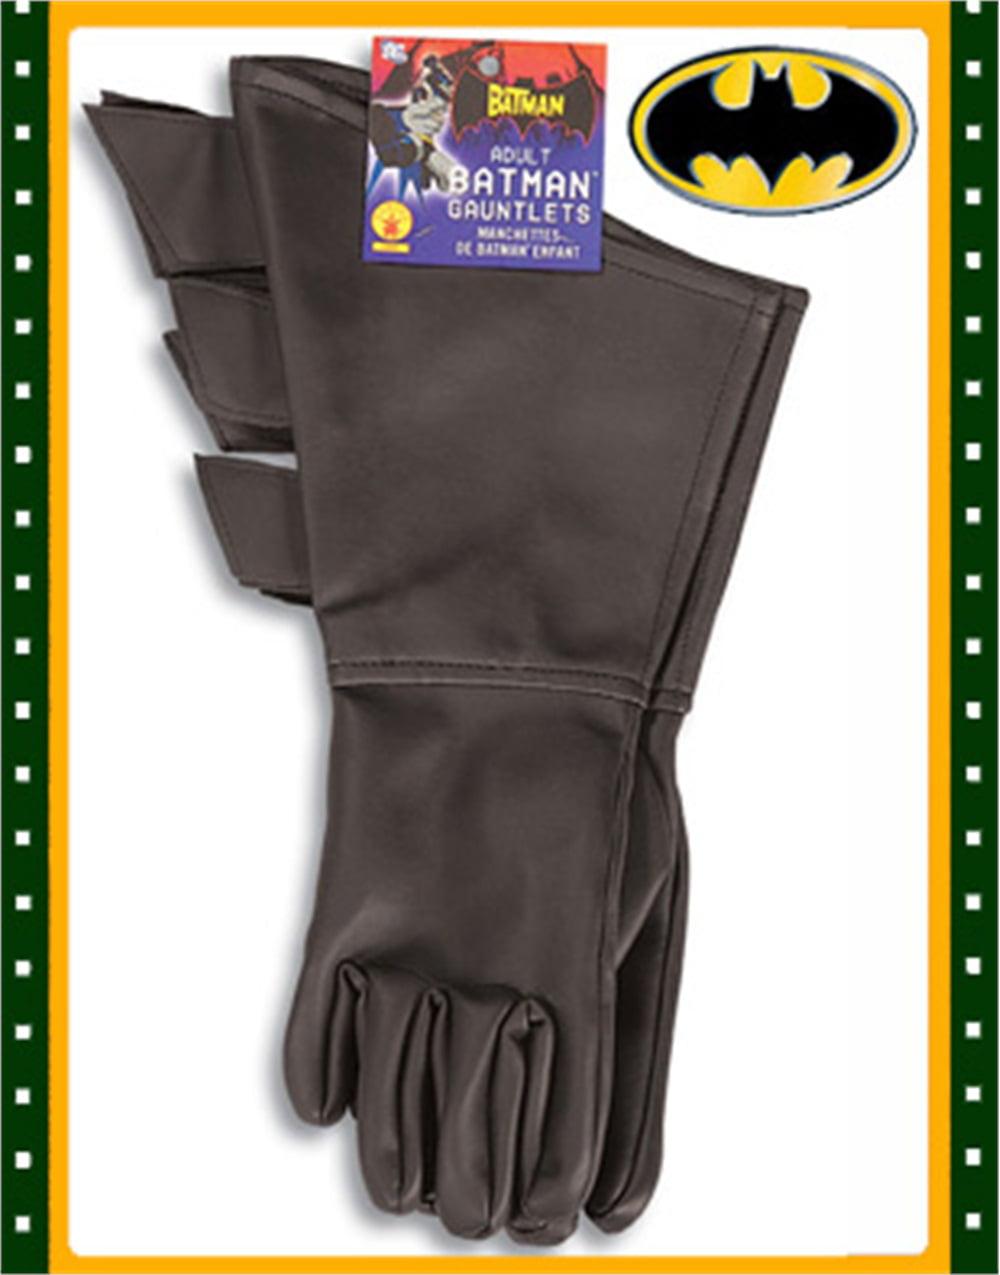 sc 1 st  Walmart.com & Batman Gloves - Men Costume Accessory - Walmart.com